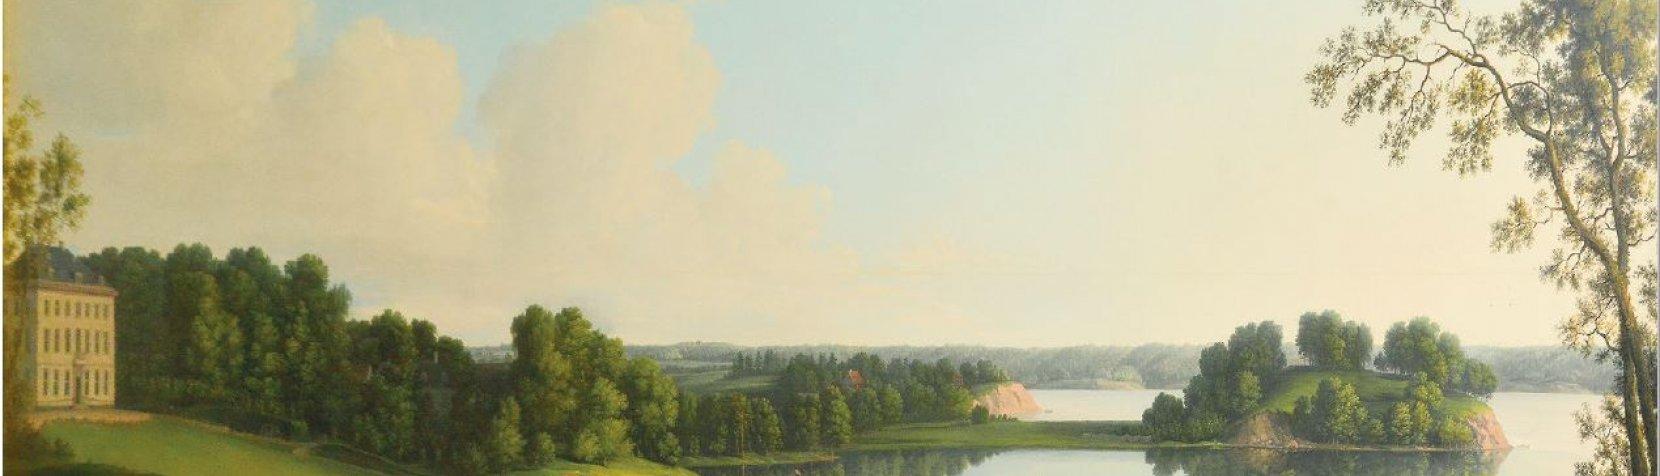 Maleri: Næsseslottet med bugten lille kalv og halvøen Luknam af Erik Pauelsen